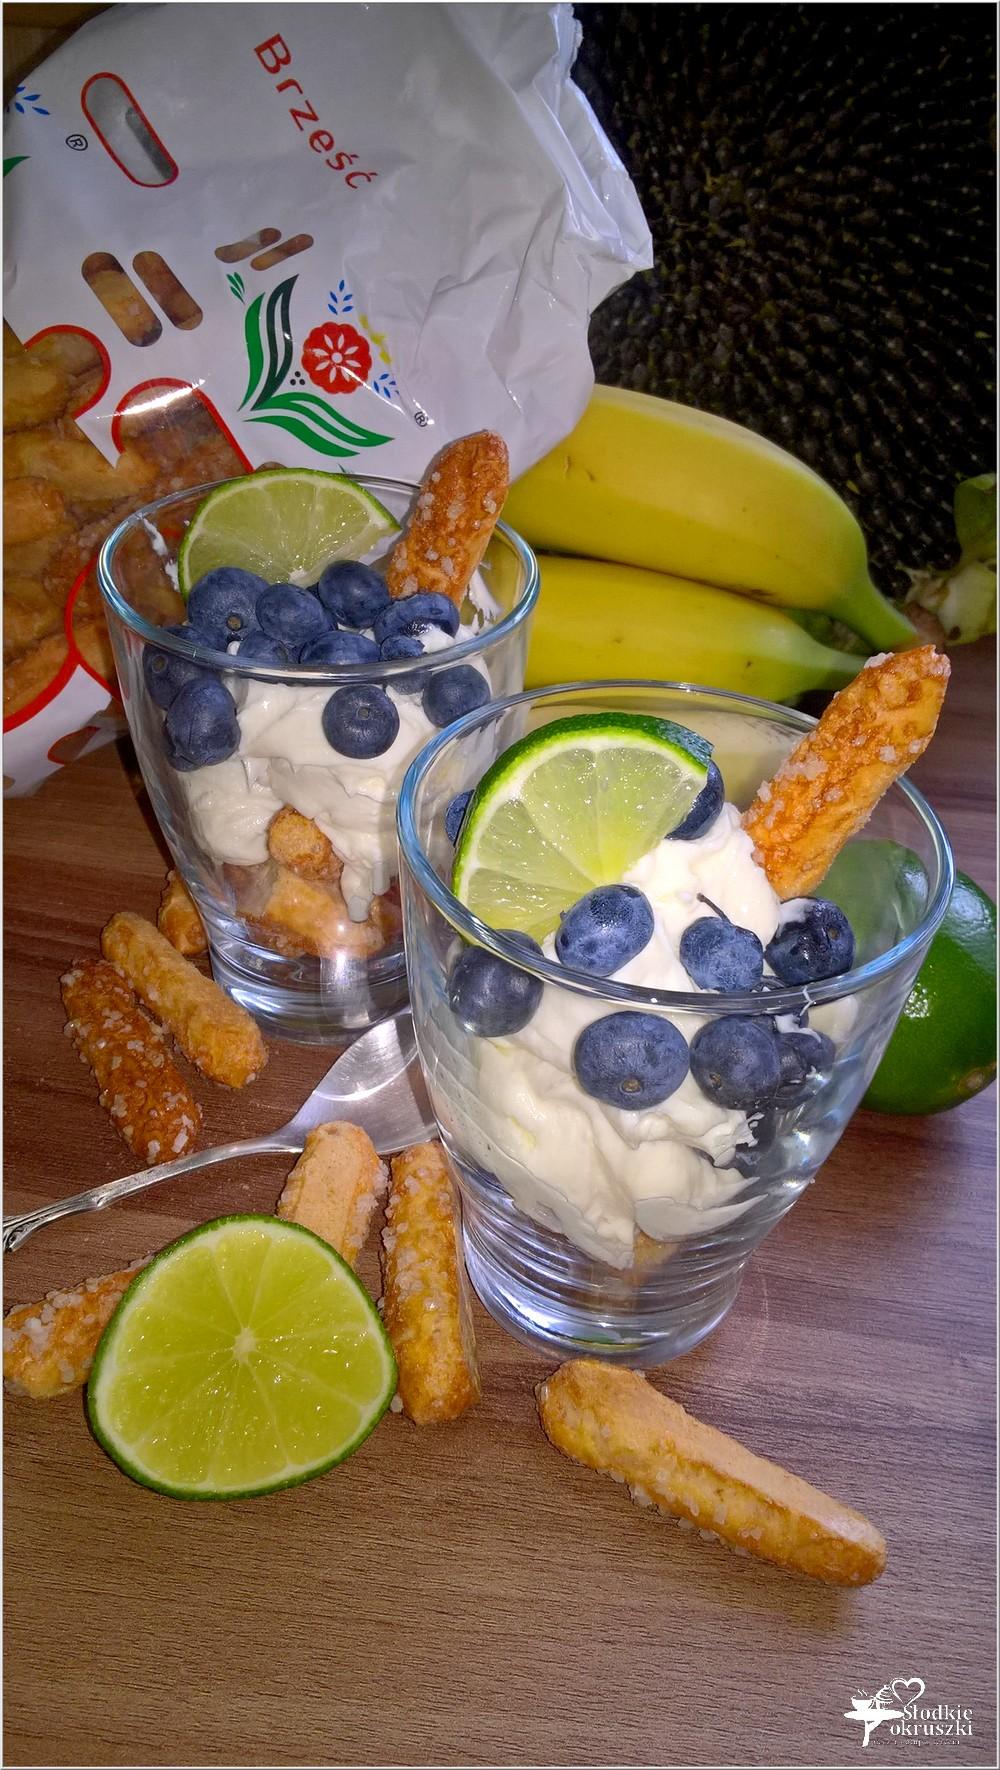 Szybki deser karmelowo-limonkowy (na słomce ptysiowej) (2)